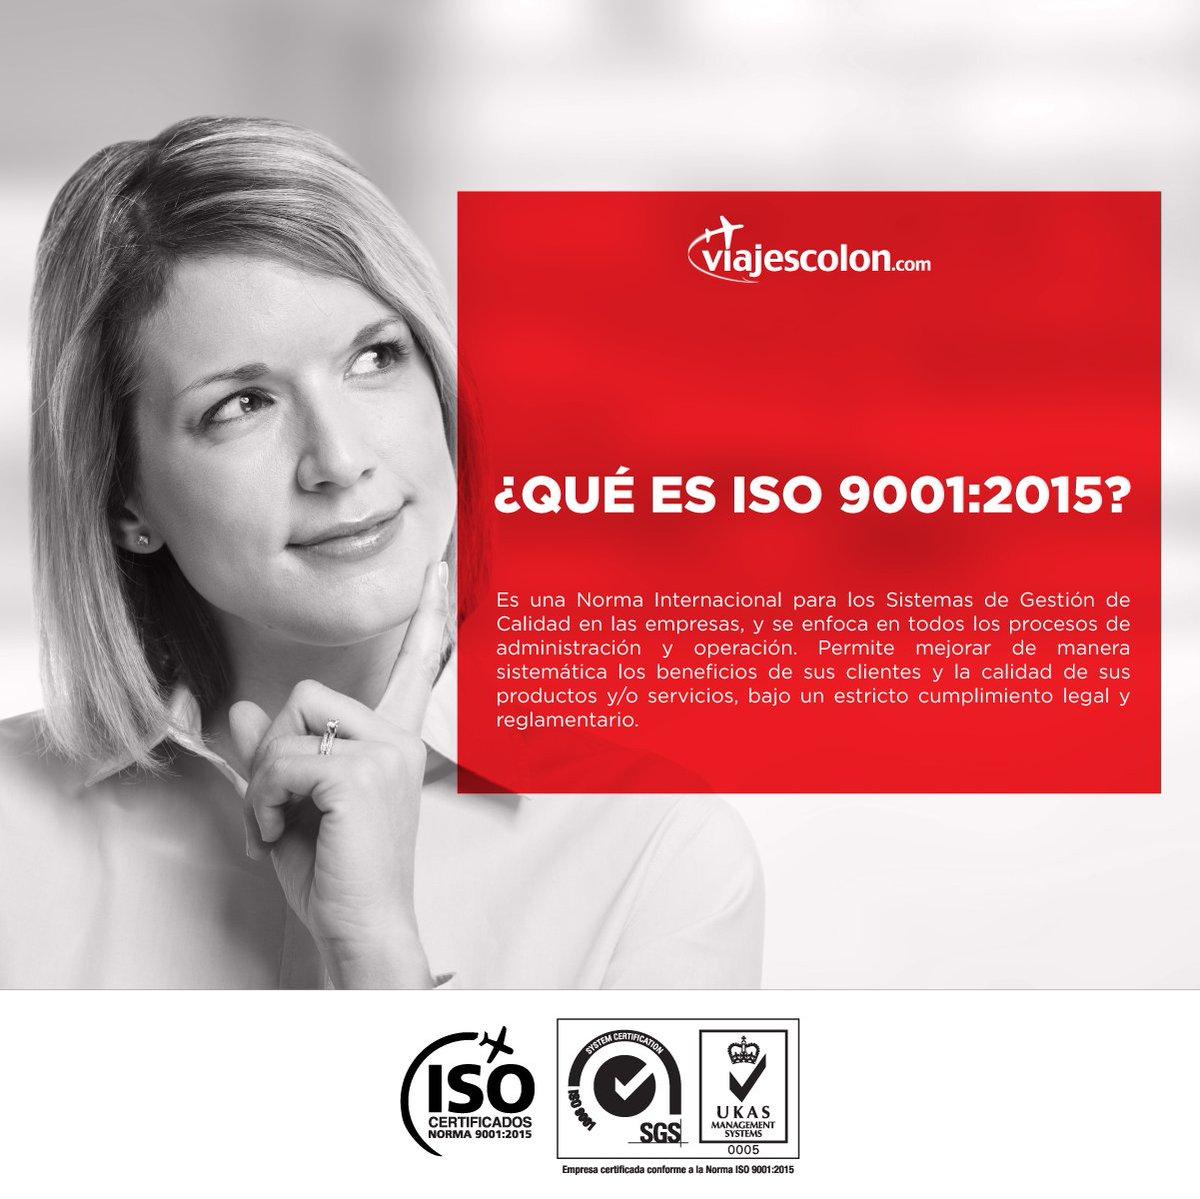 Logramos certificarnos bajo la Norma Internacional ISO 9001:2015, ¿Les gustaría saber qué es?  #LoLogramos 🙌🏻 https://t.co/kLMKIoLMVb